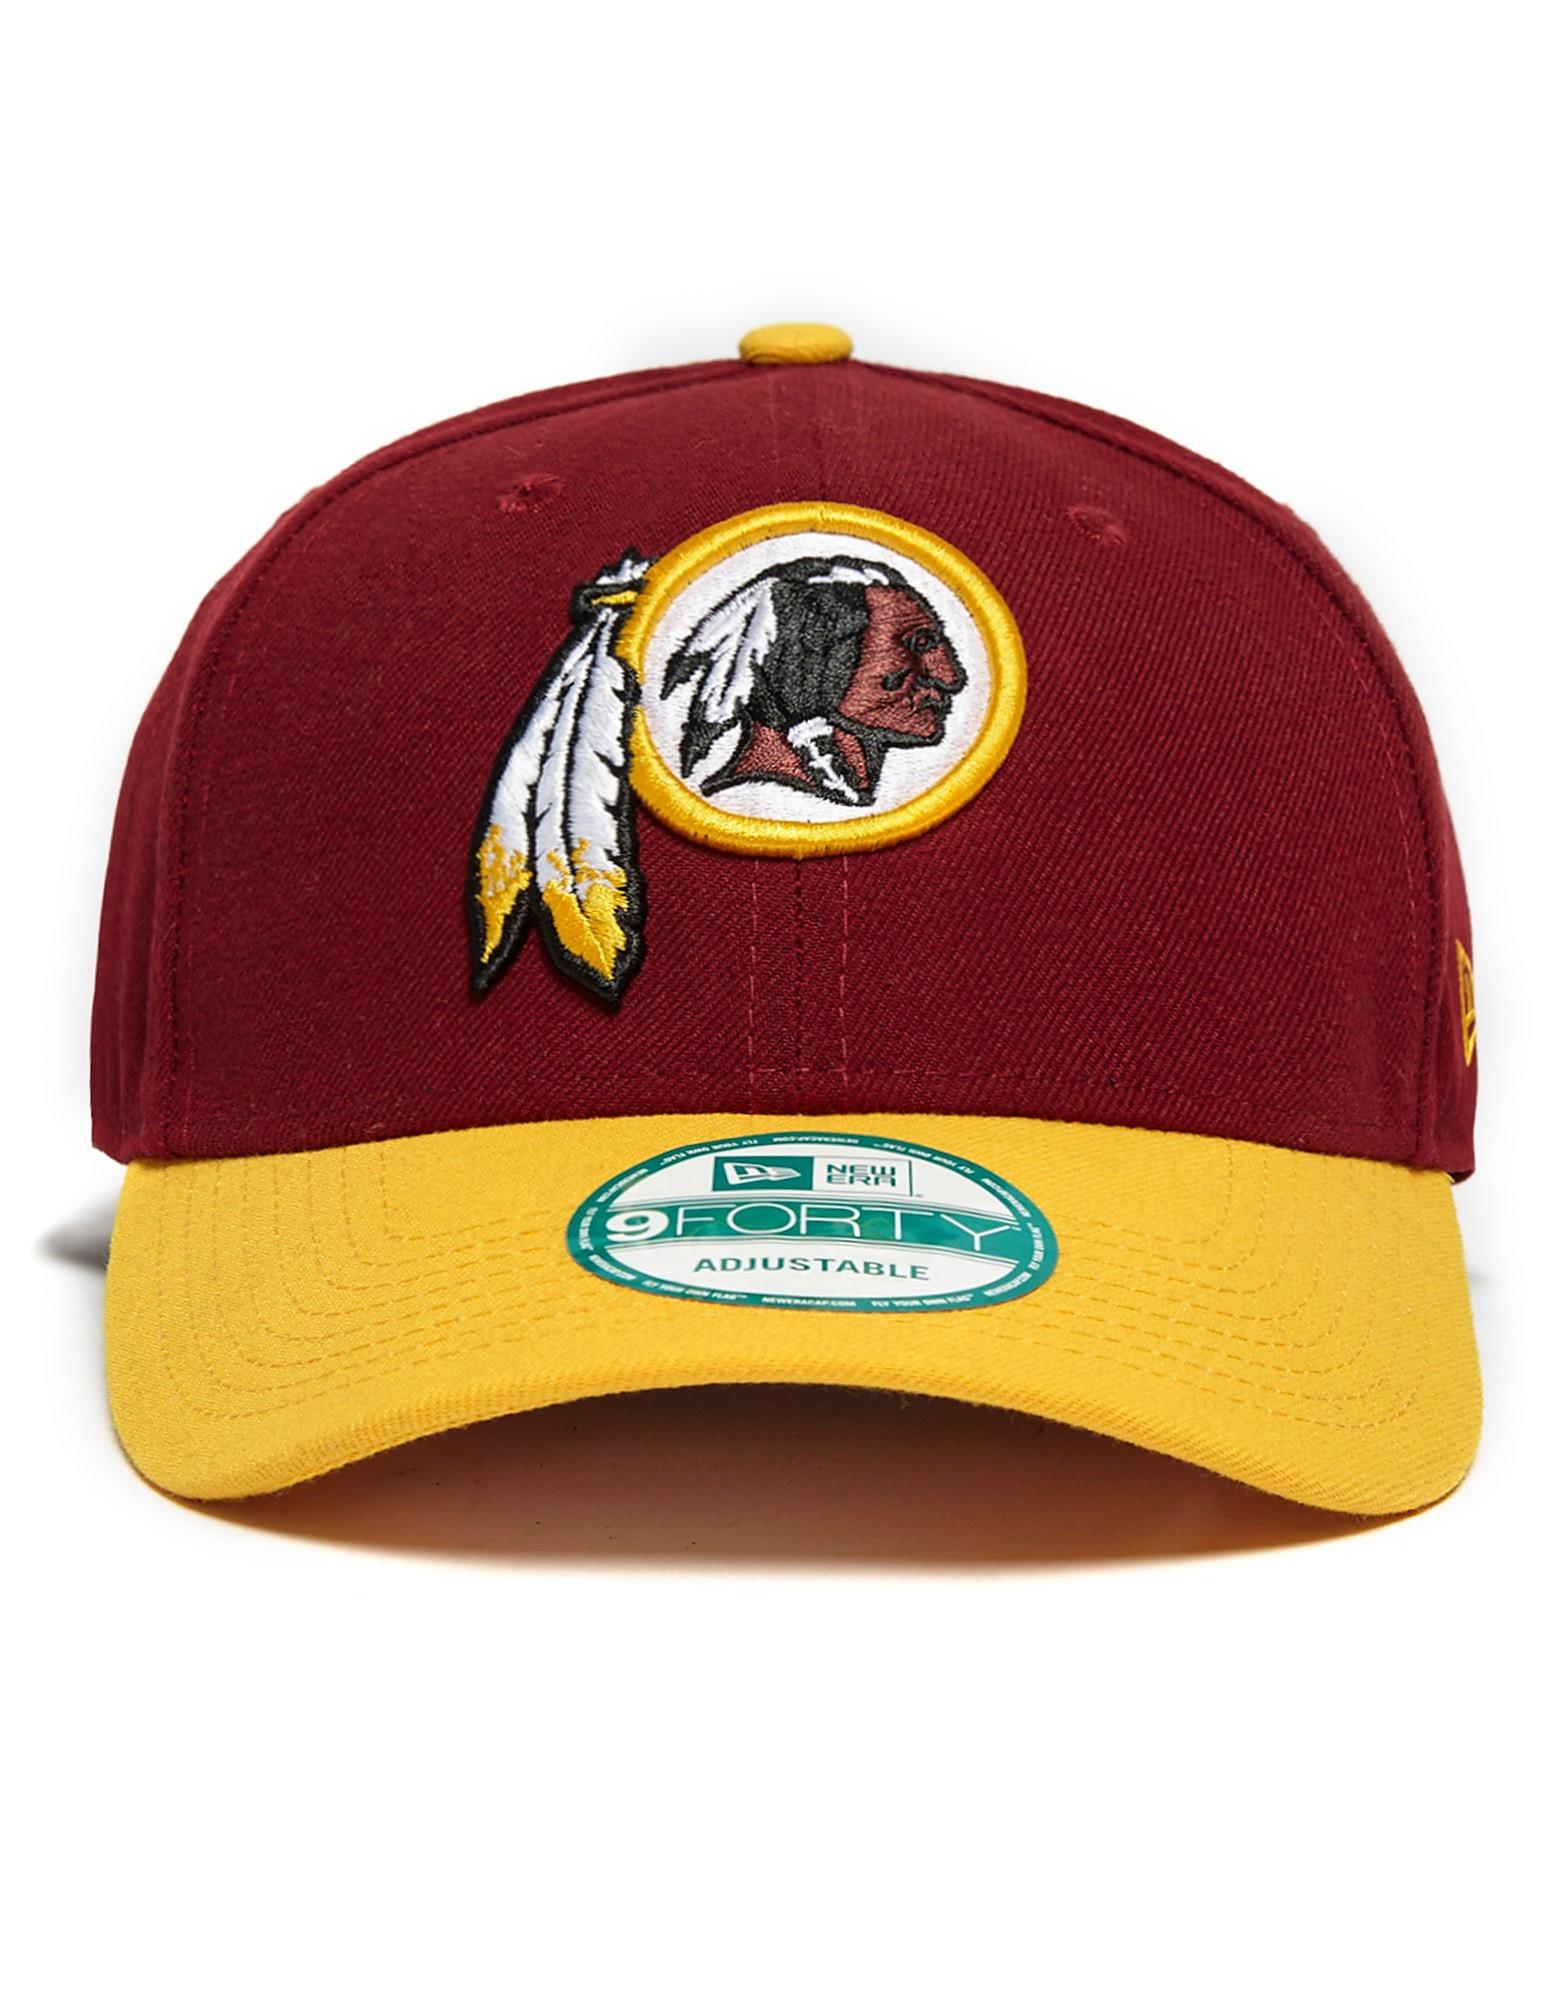 New Era 9FORTY NFL Washington Redskins Cap